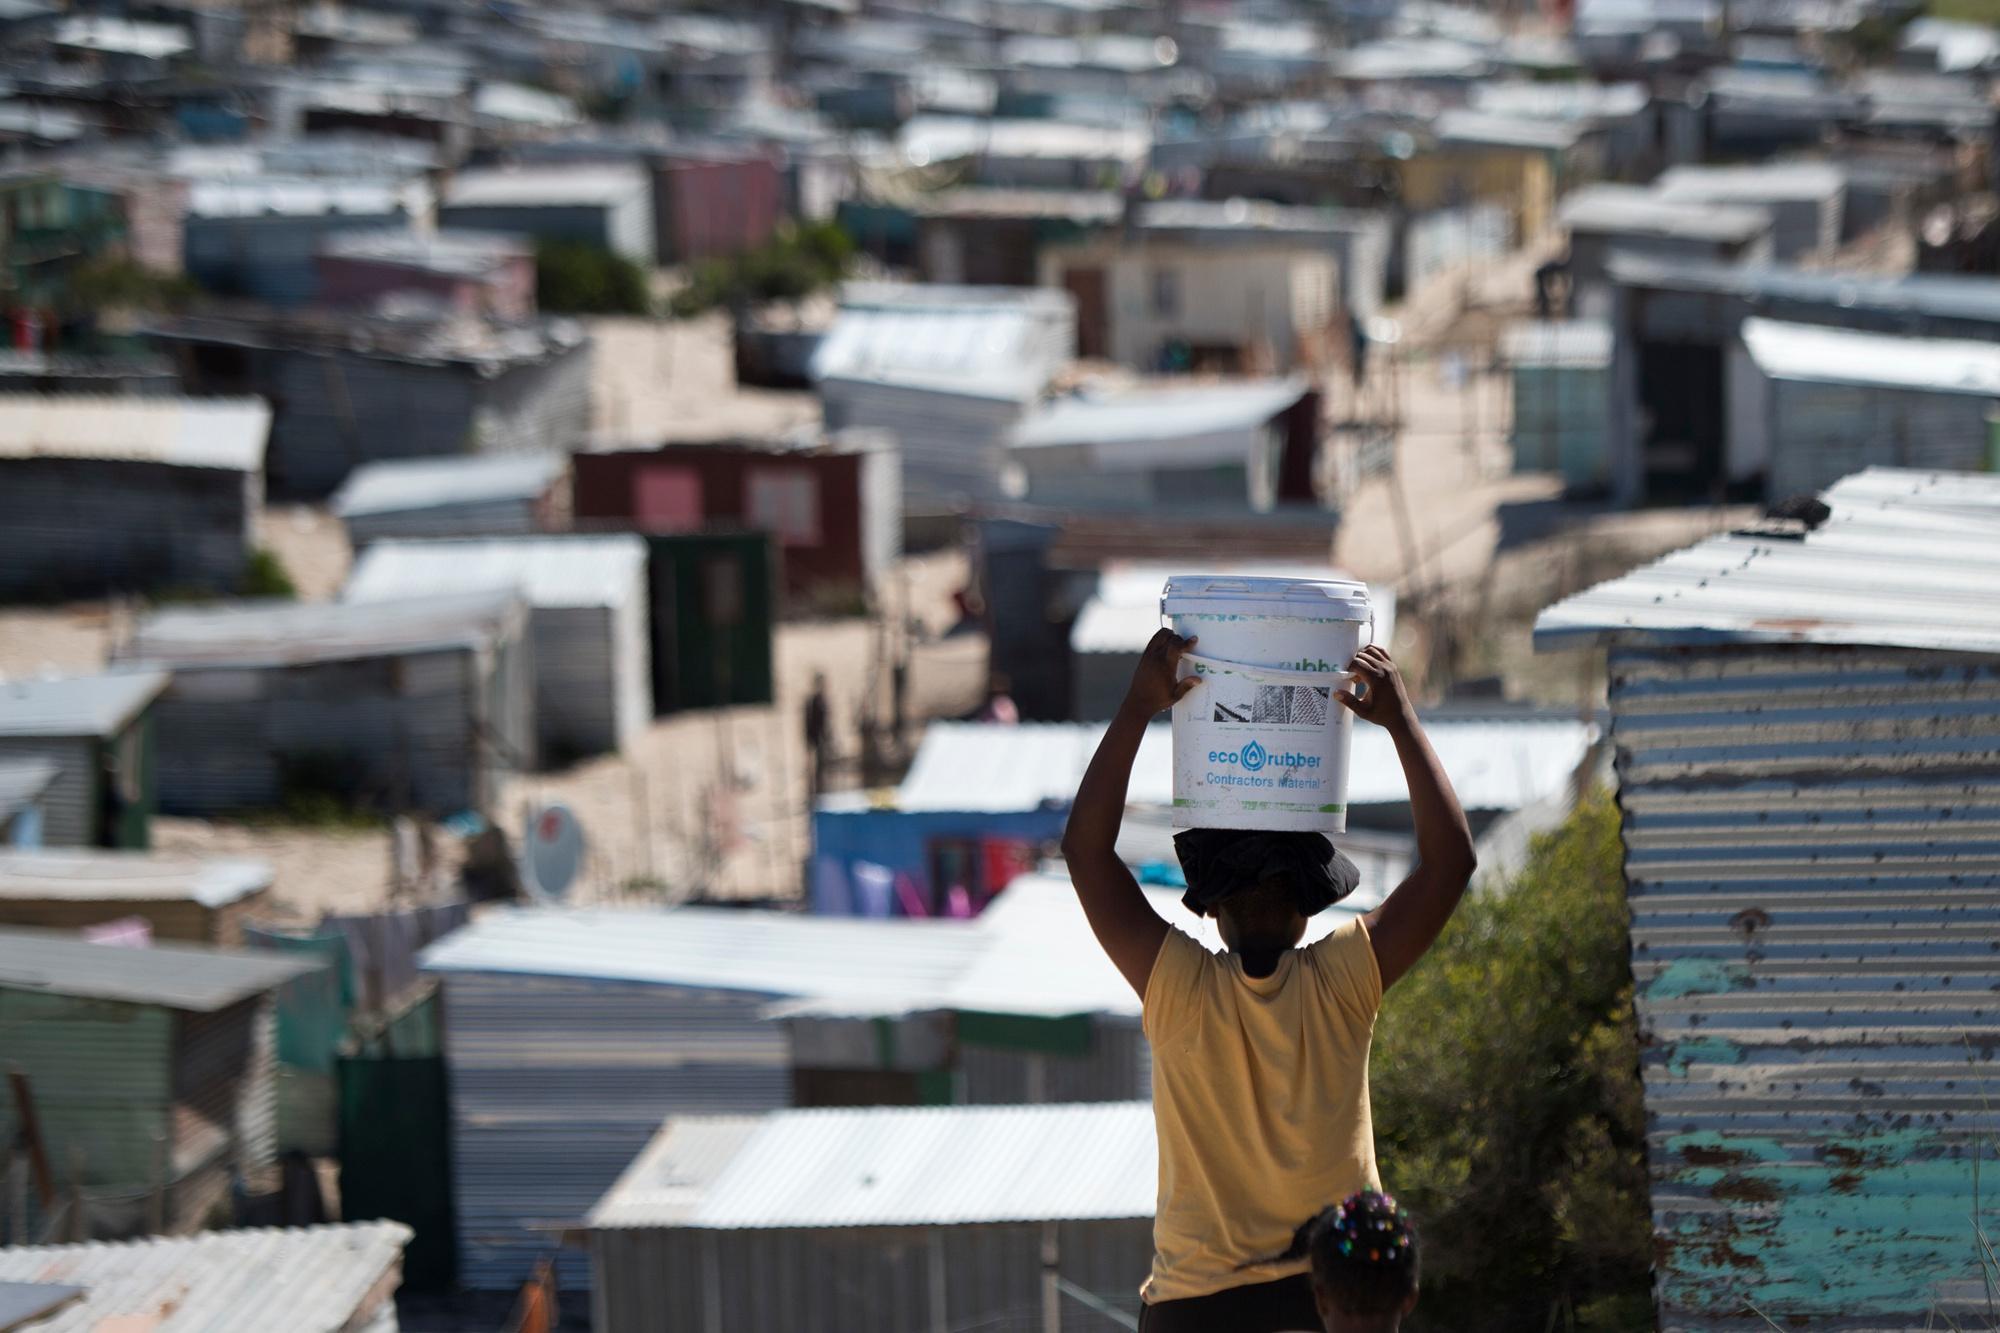 Une femme transporte un seau d'eau douce dans un établissement informel à Khayelitsha, près du Cap, au Cap. Les administrateurs des gouvernements locaux au Cap ont déclaré le 29 mars 2020 qu'un cas de coronavirus COVID-19 avait été détecté à Khayelitsha, le plus grand canton de la ville, où des centaines de milliers de personnes vivent dans des cabanes., belga